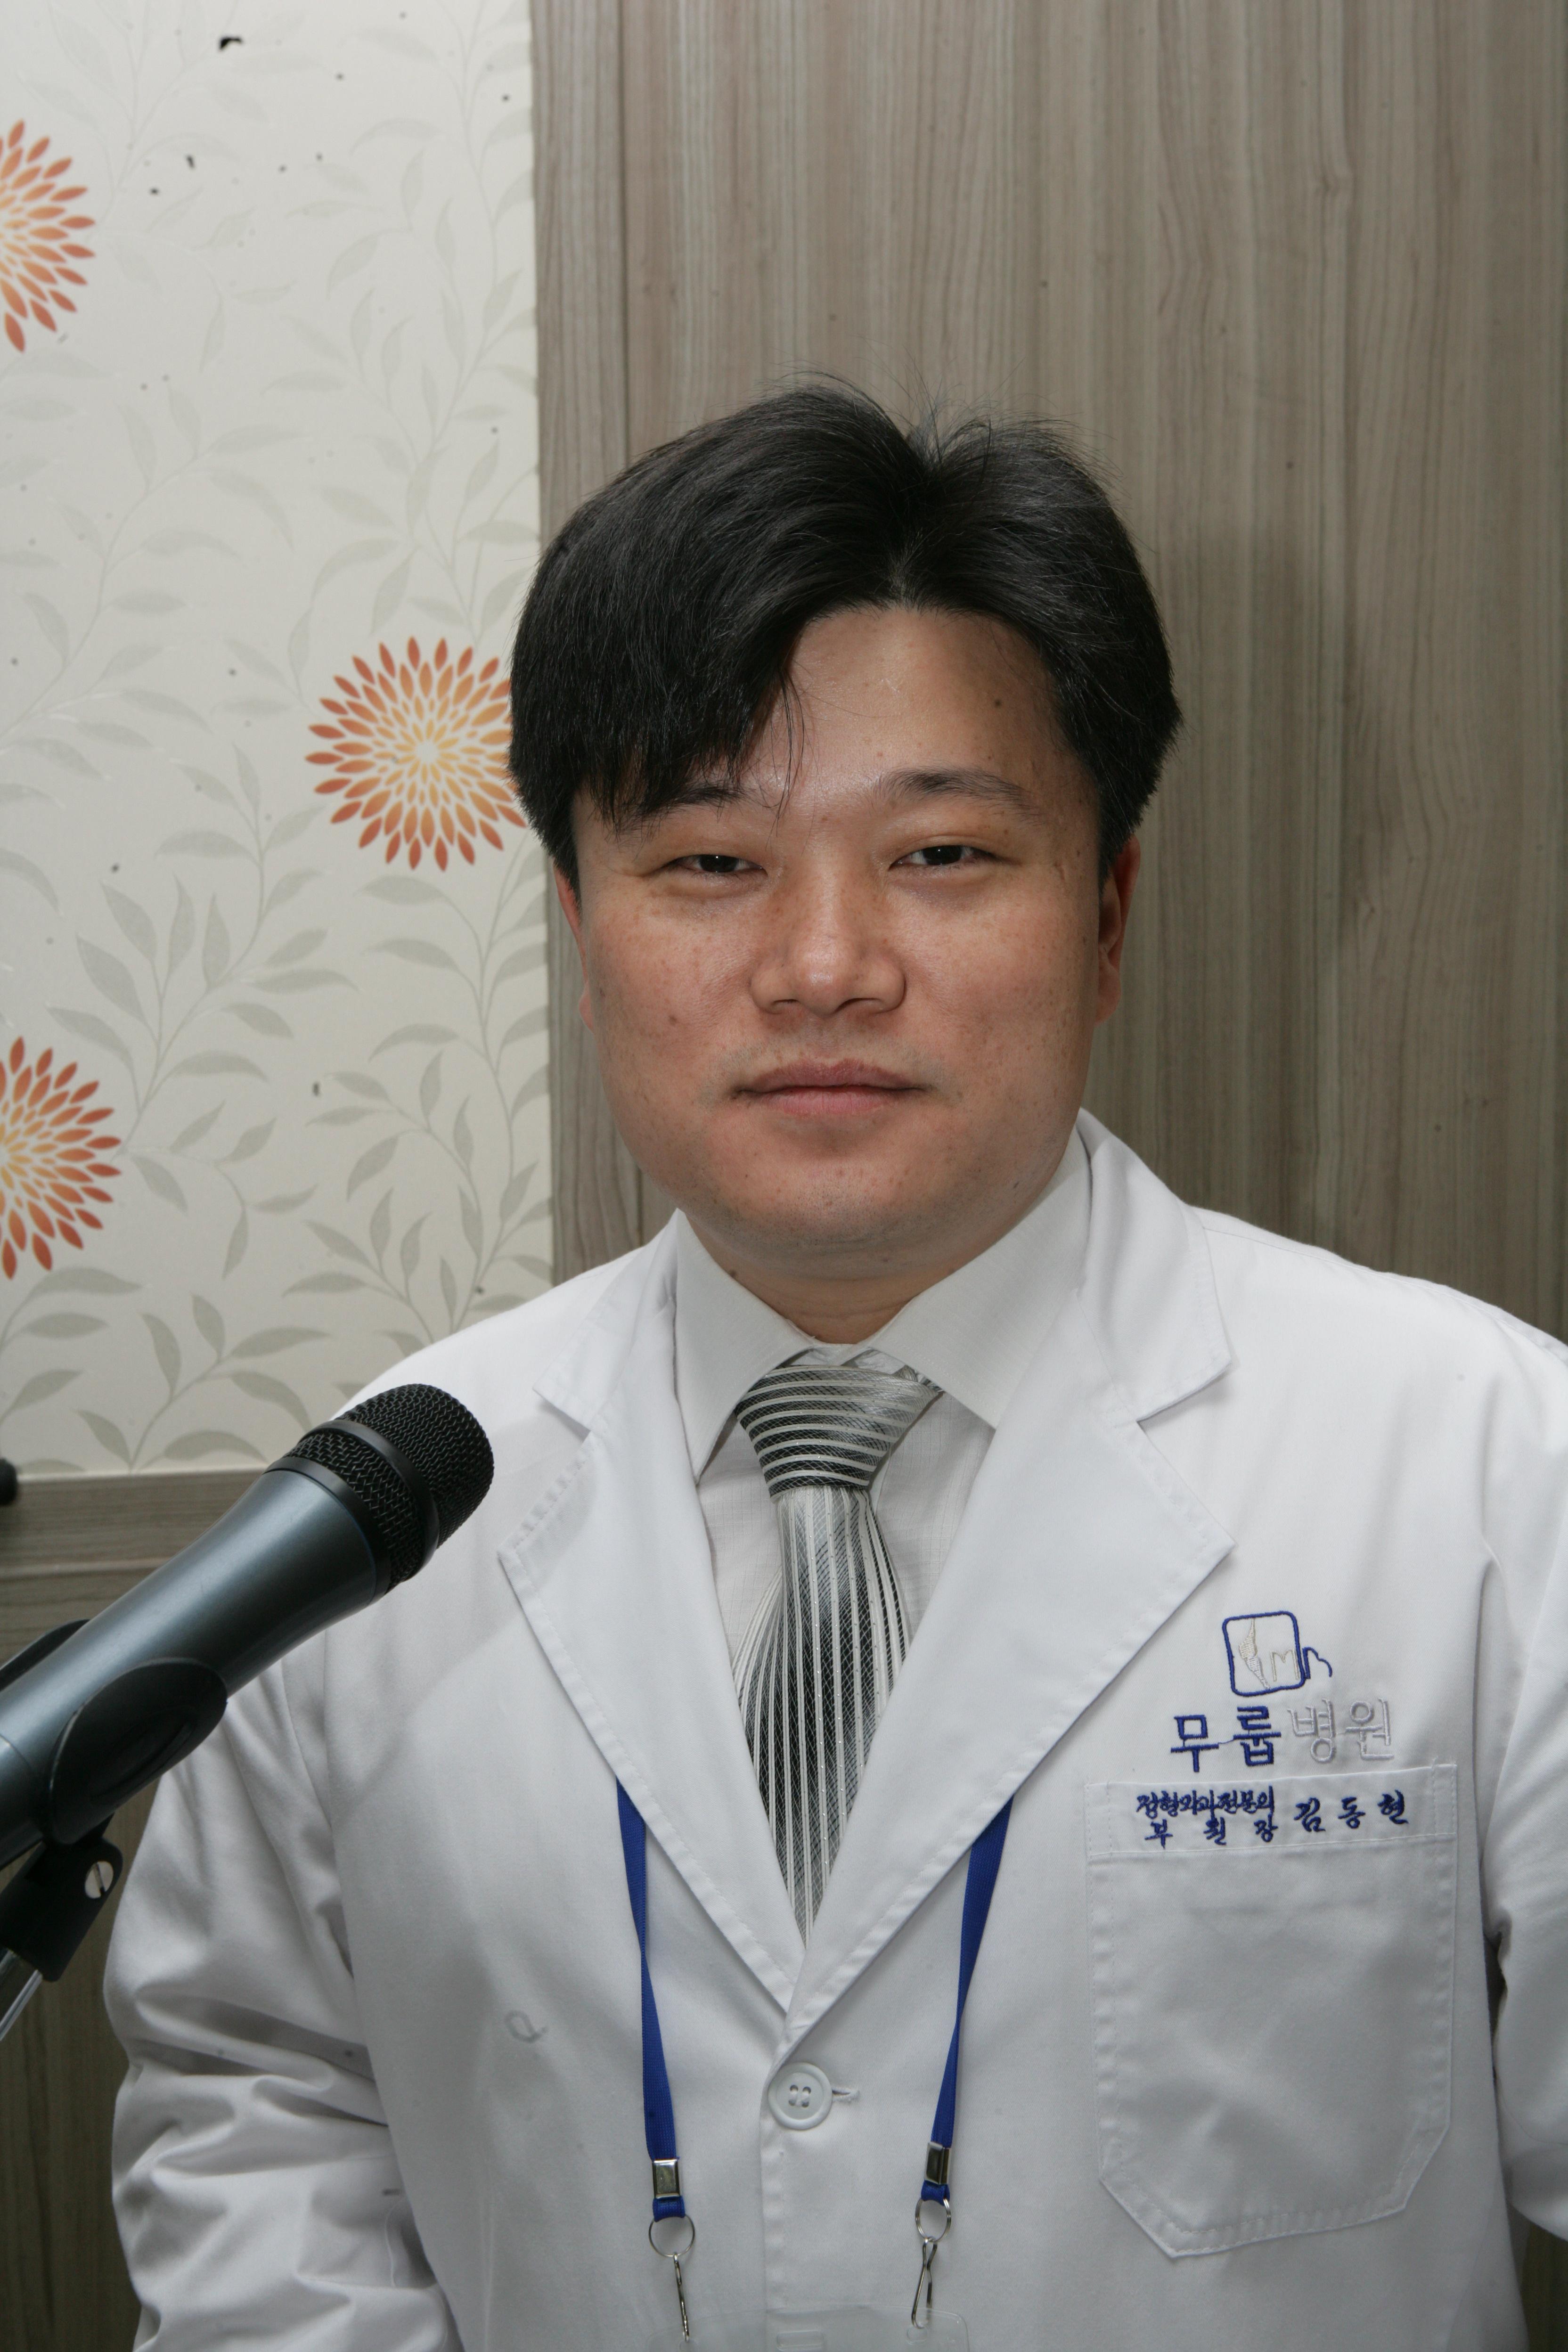 행사 진행자(김동현 부원장님)(2번).JPG